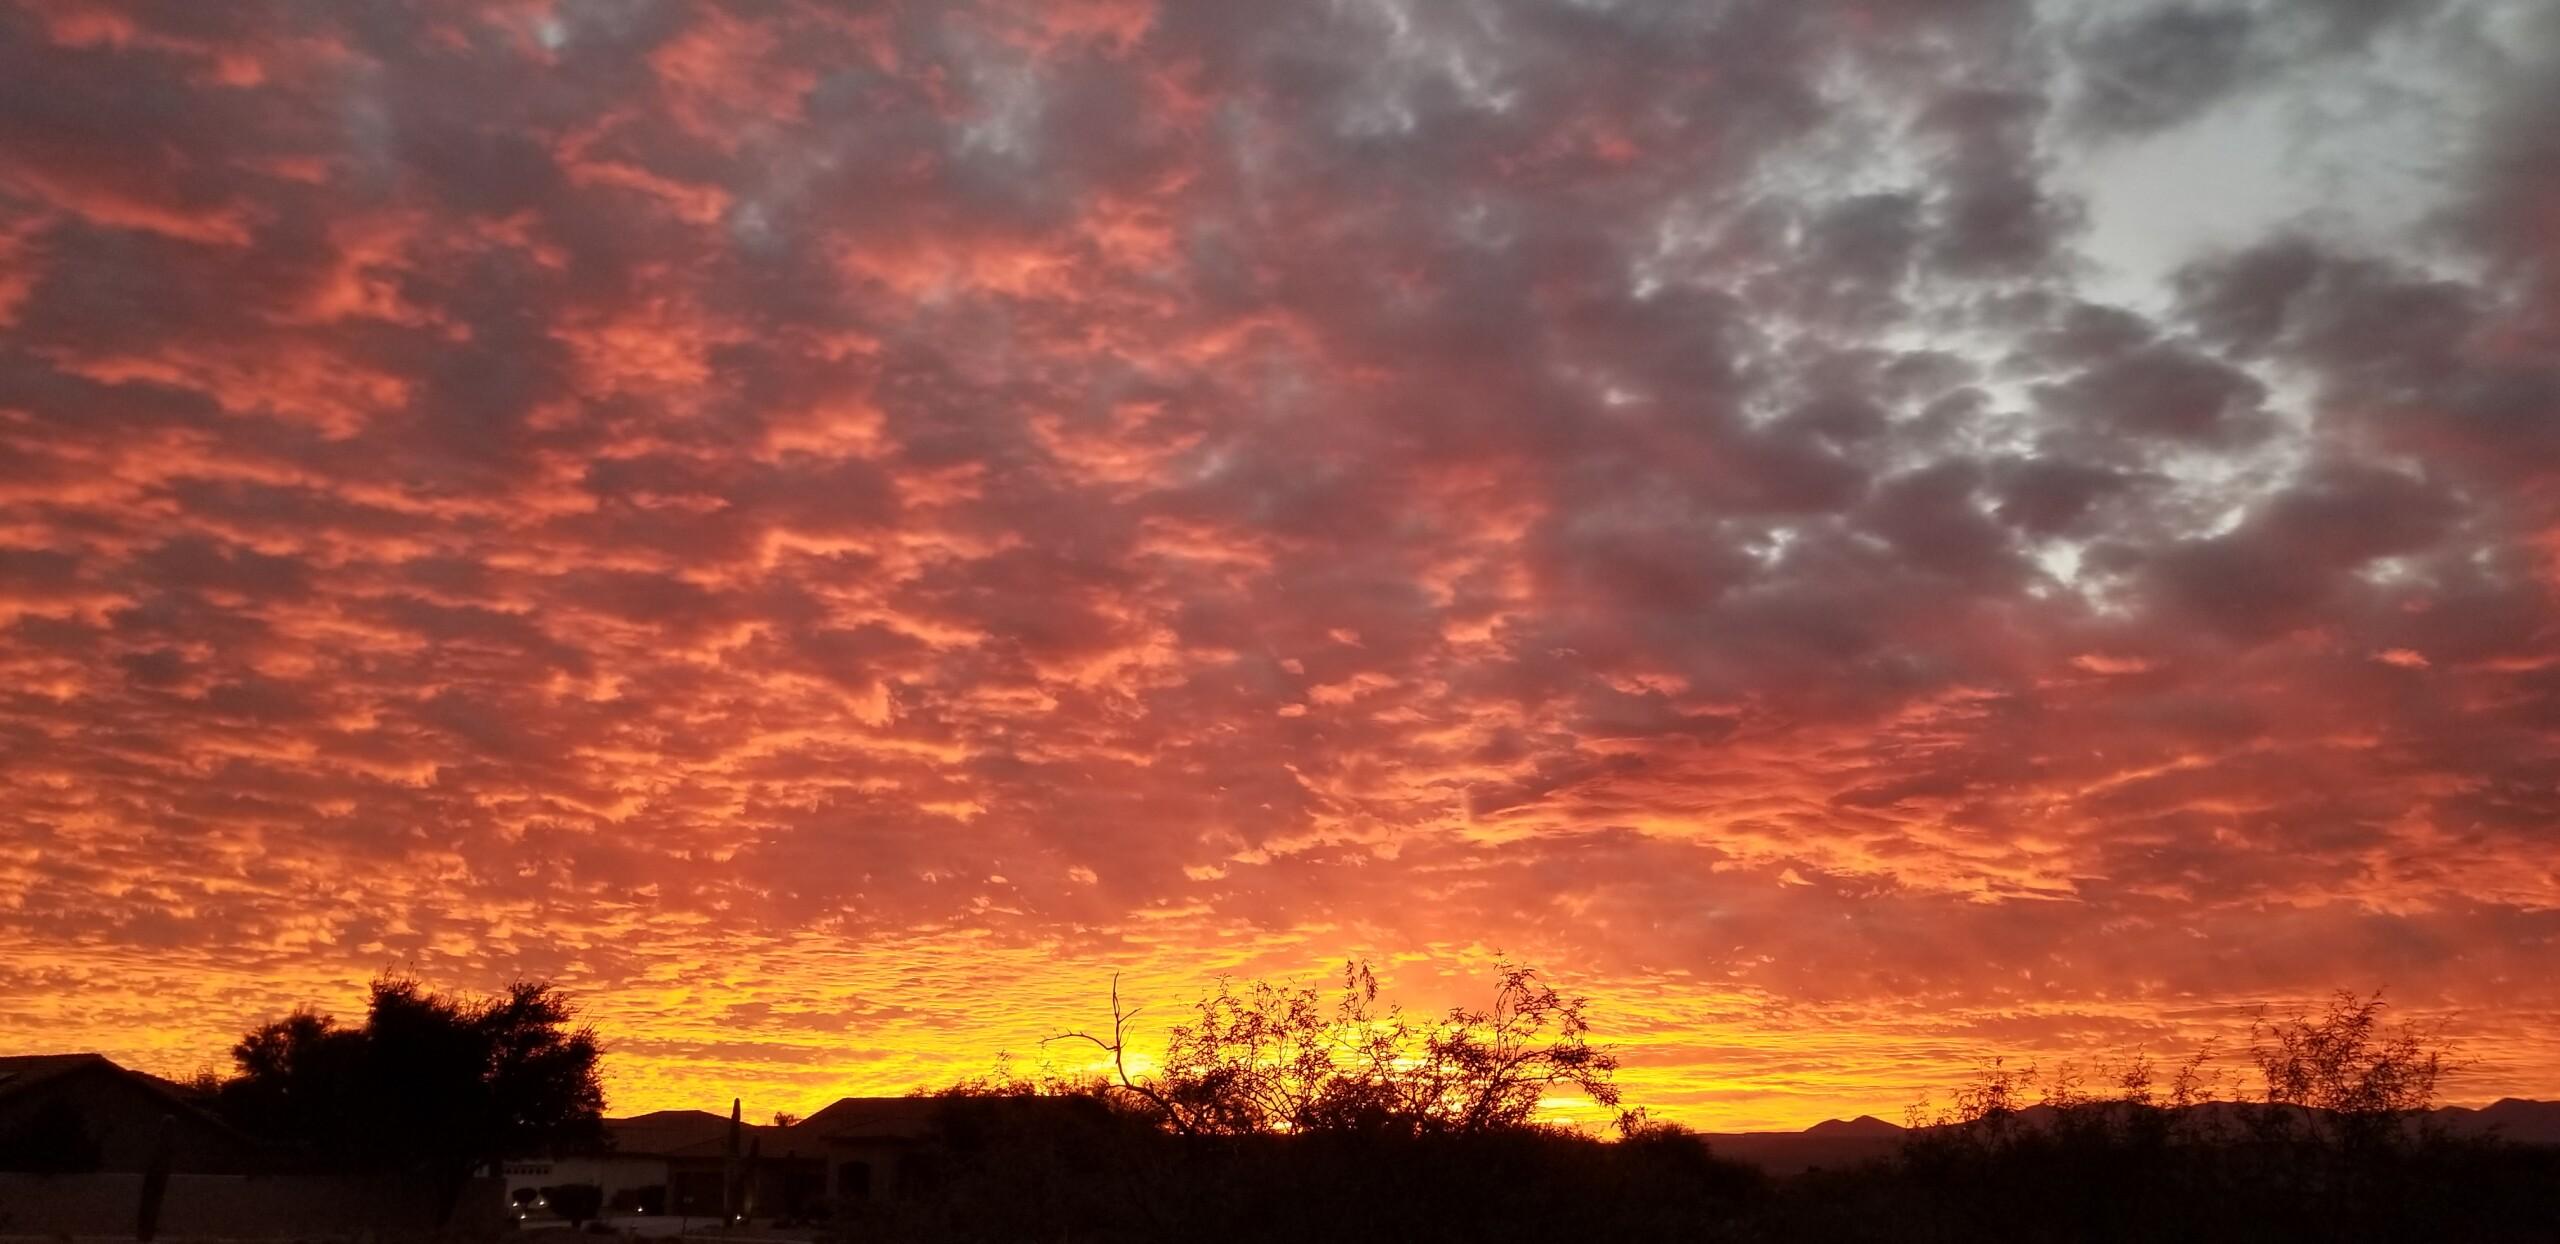 SUNSET -Steve Sanford at Quail Creek.jpg